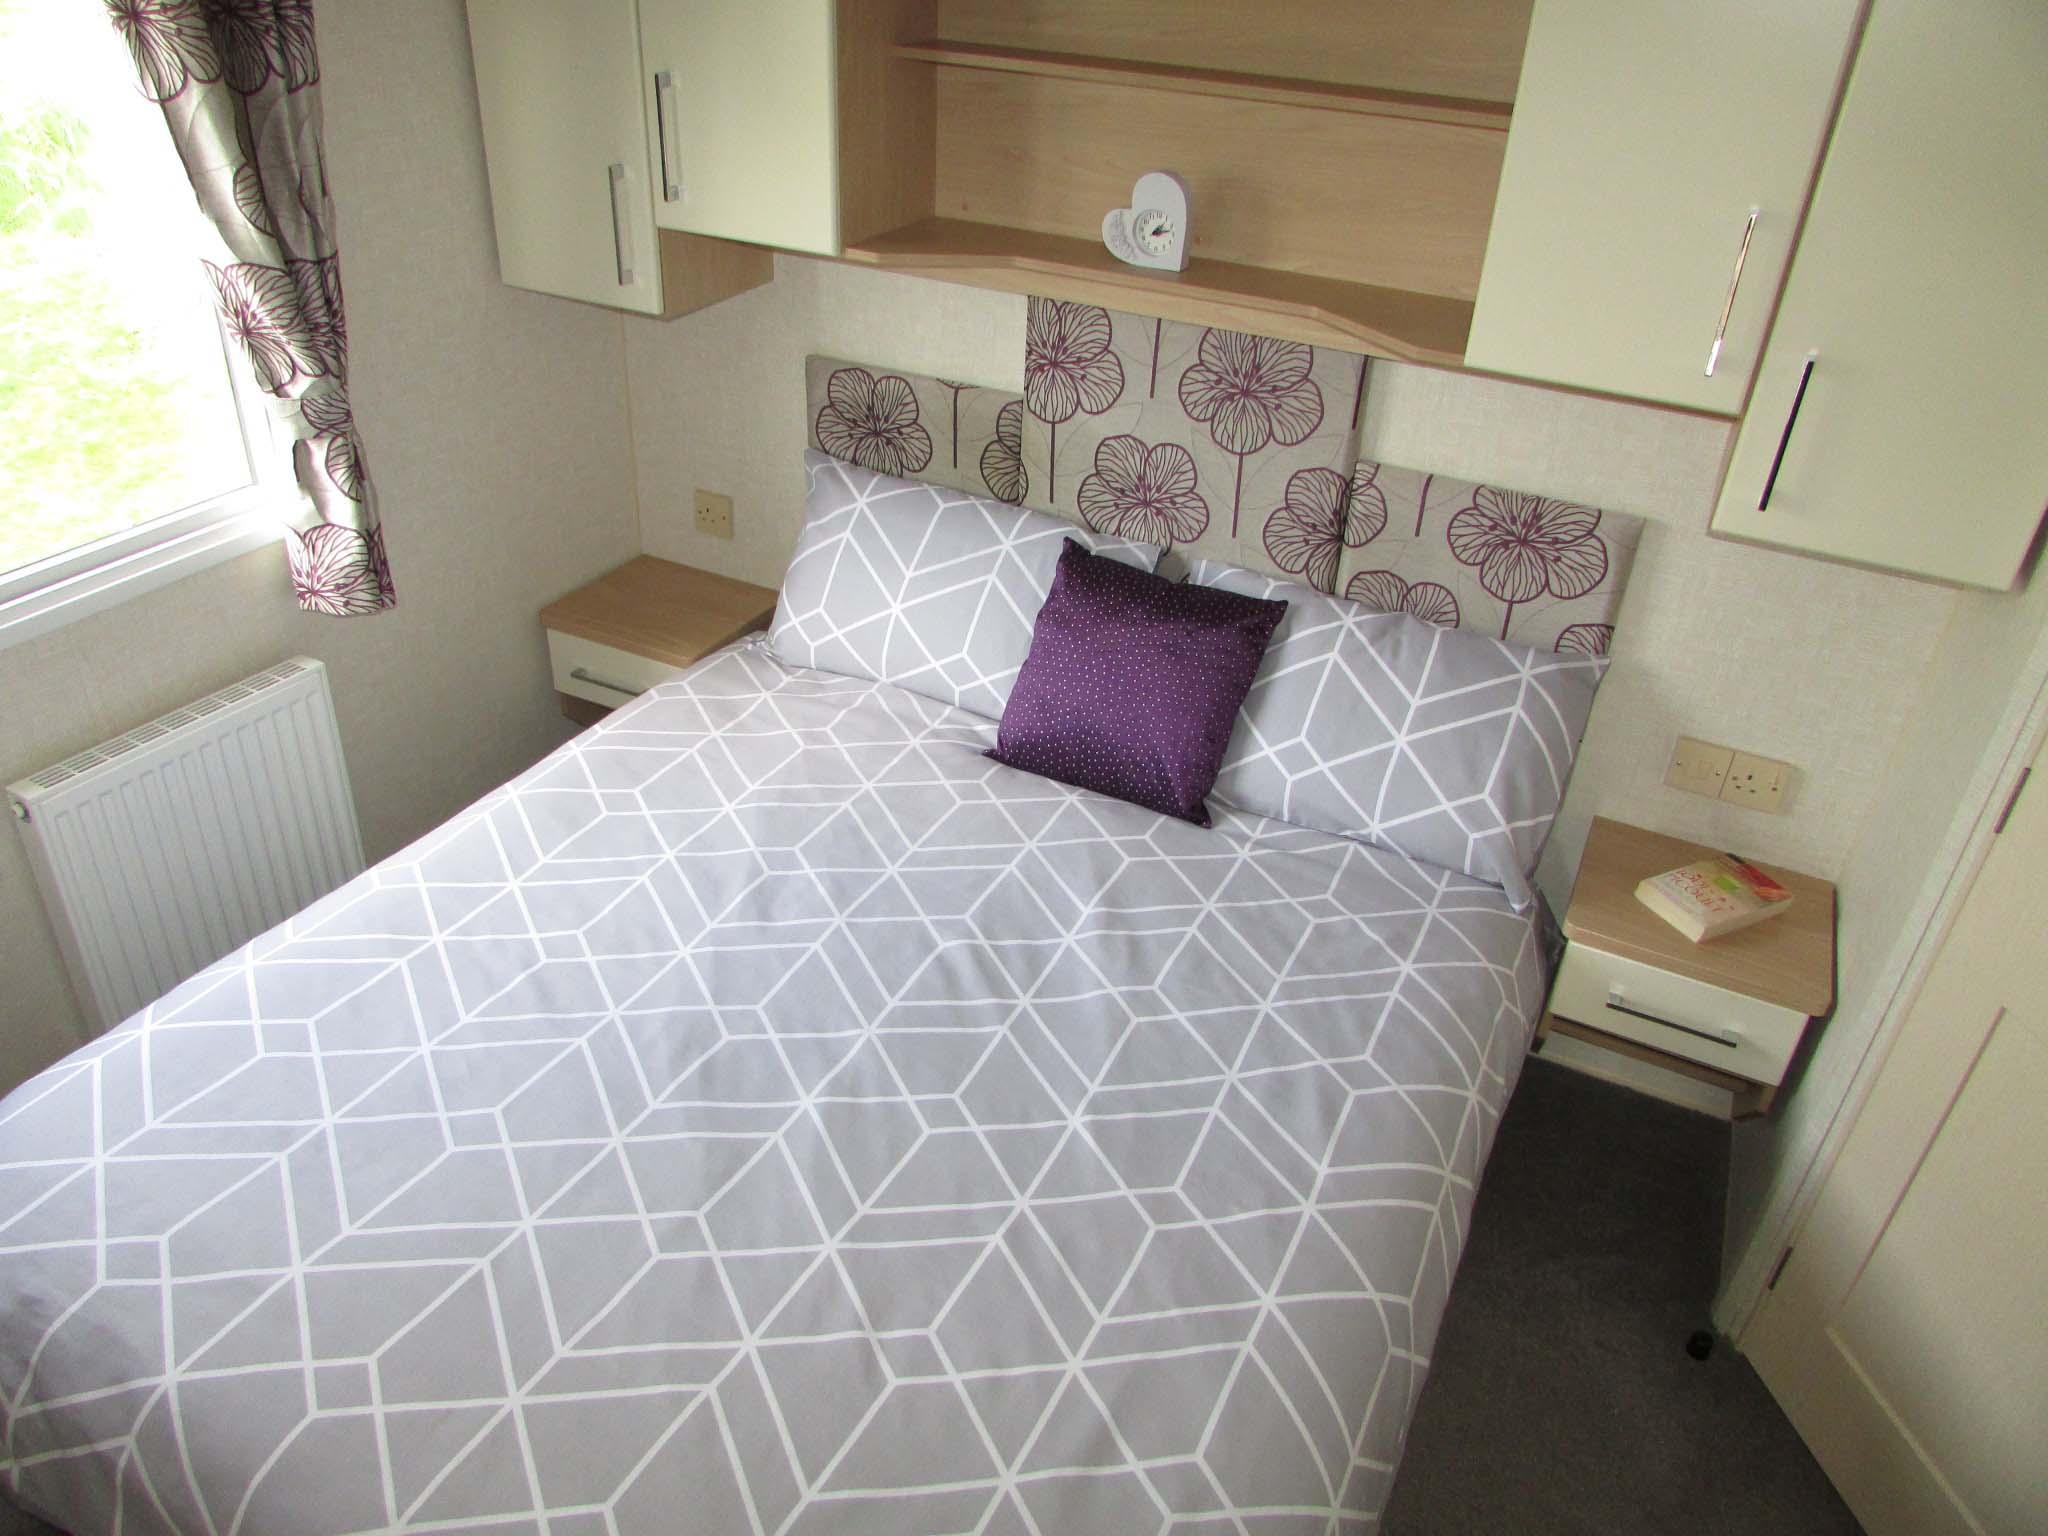 Willerby Sierra 2013 bedroom